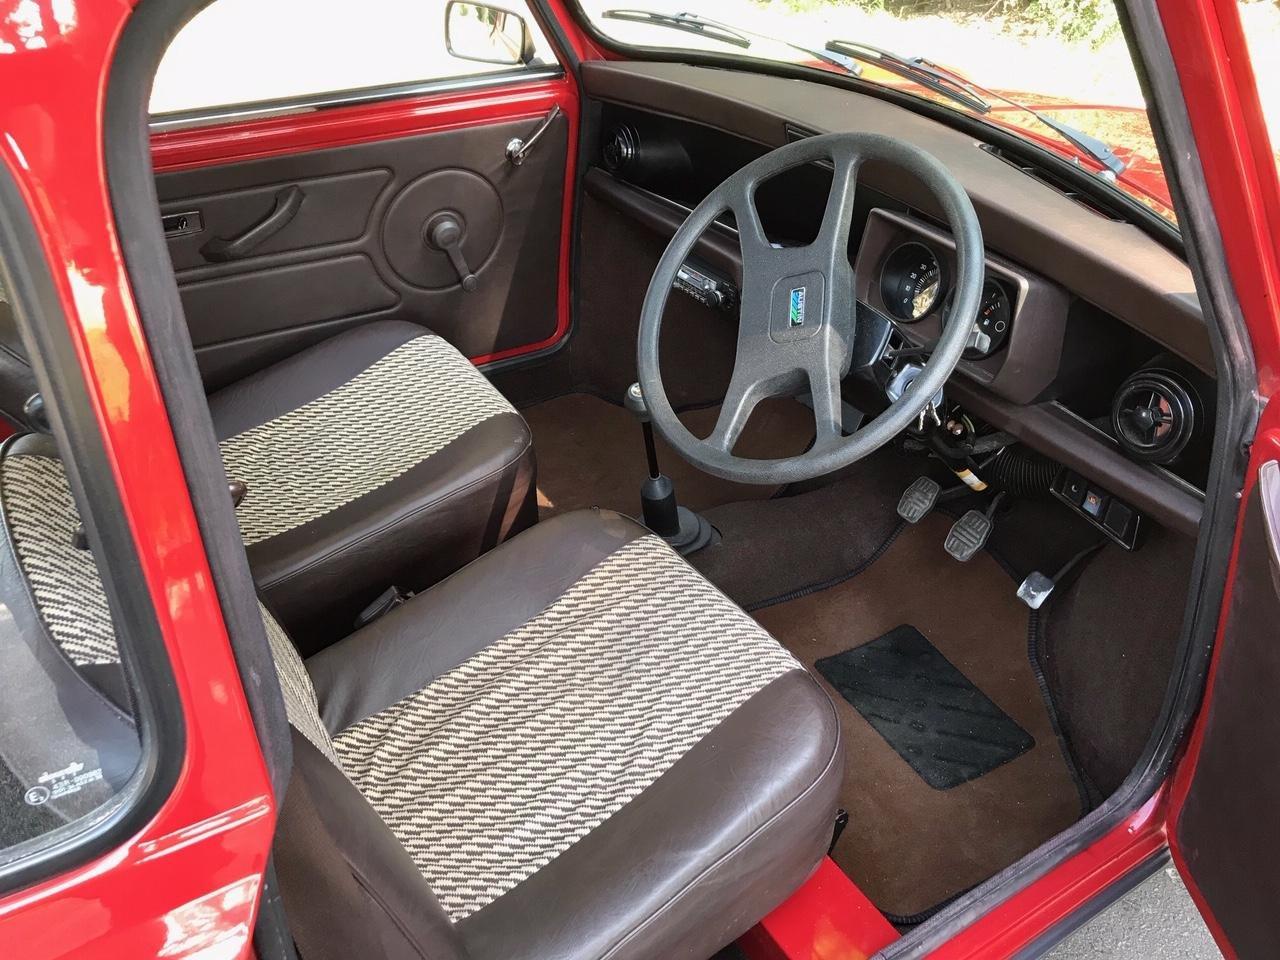 1986 Austin Mini 1000 City E - Genuine 15,000 Mile SOLD (picture 4 of 6)